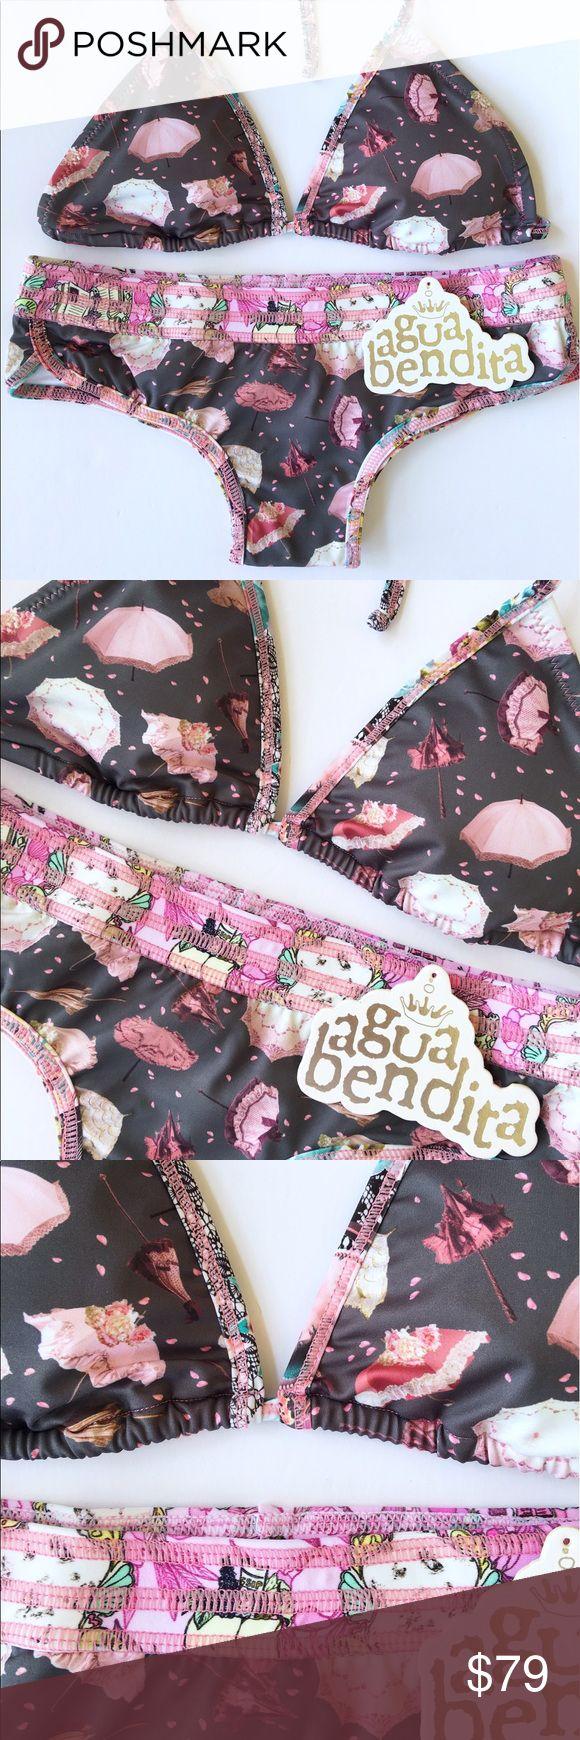 NWT agua bendita bikini made in colombia size s Beautiful new with tags bikini set. By Agua Bendita, made in colombia, small size, with removable pads. Agua Bendita Swim Bikinis